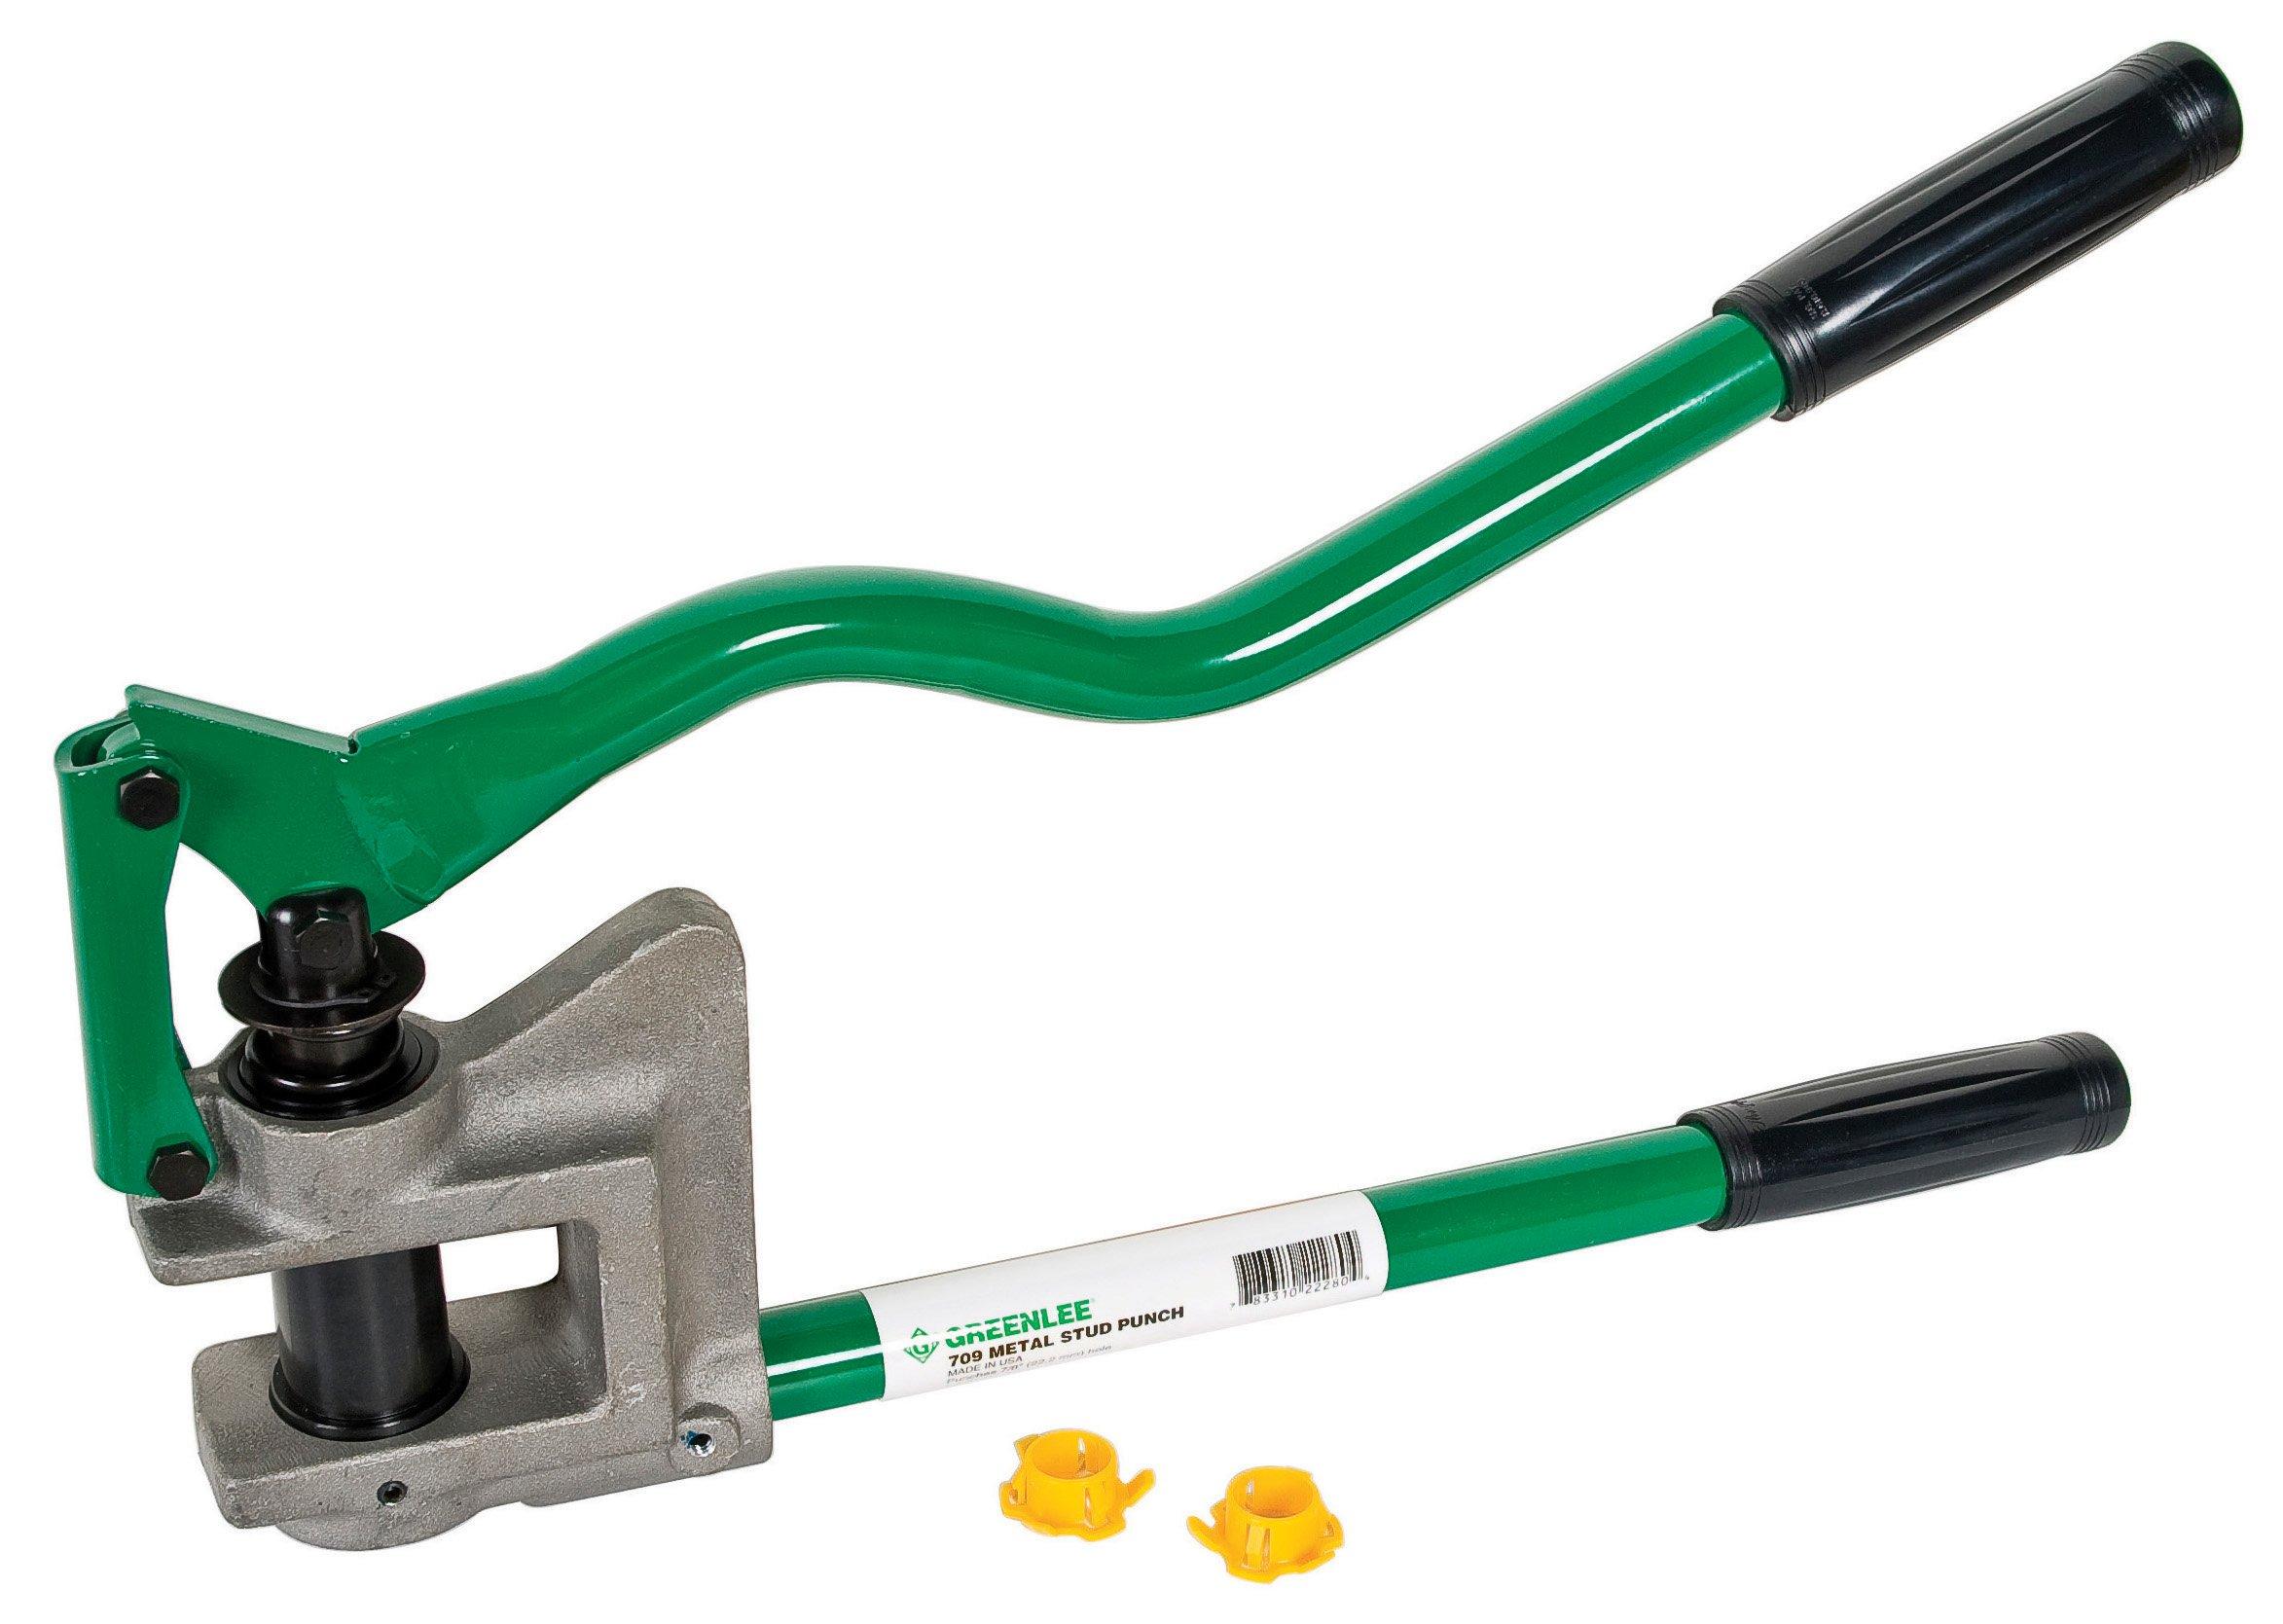 Greenlee 710 Metal Stud Punch, 1-11/32-Inch Diameter by Greenlee